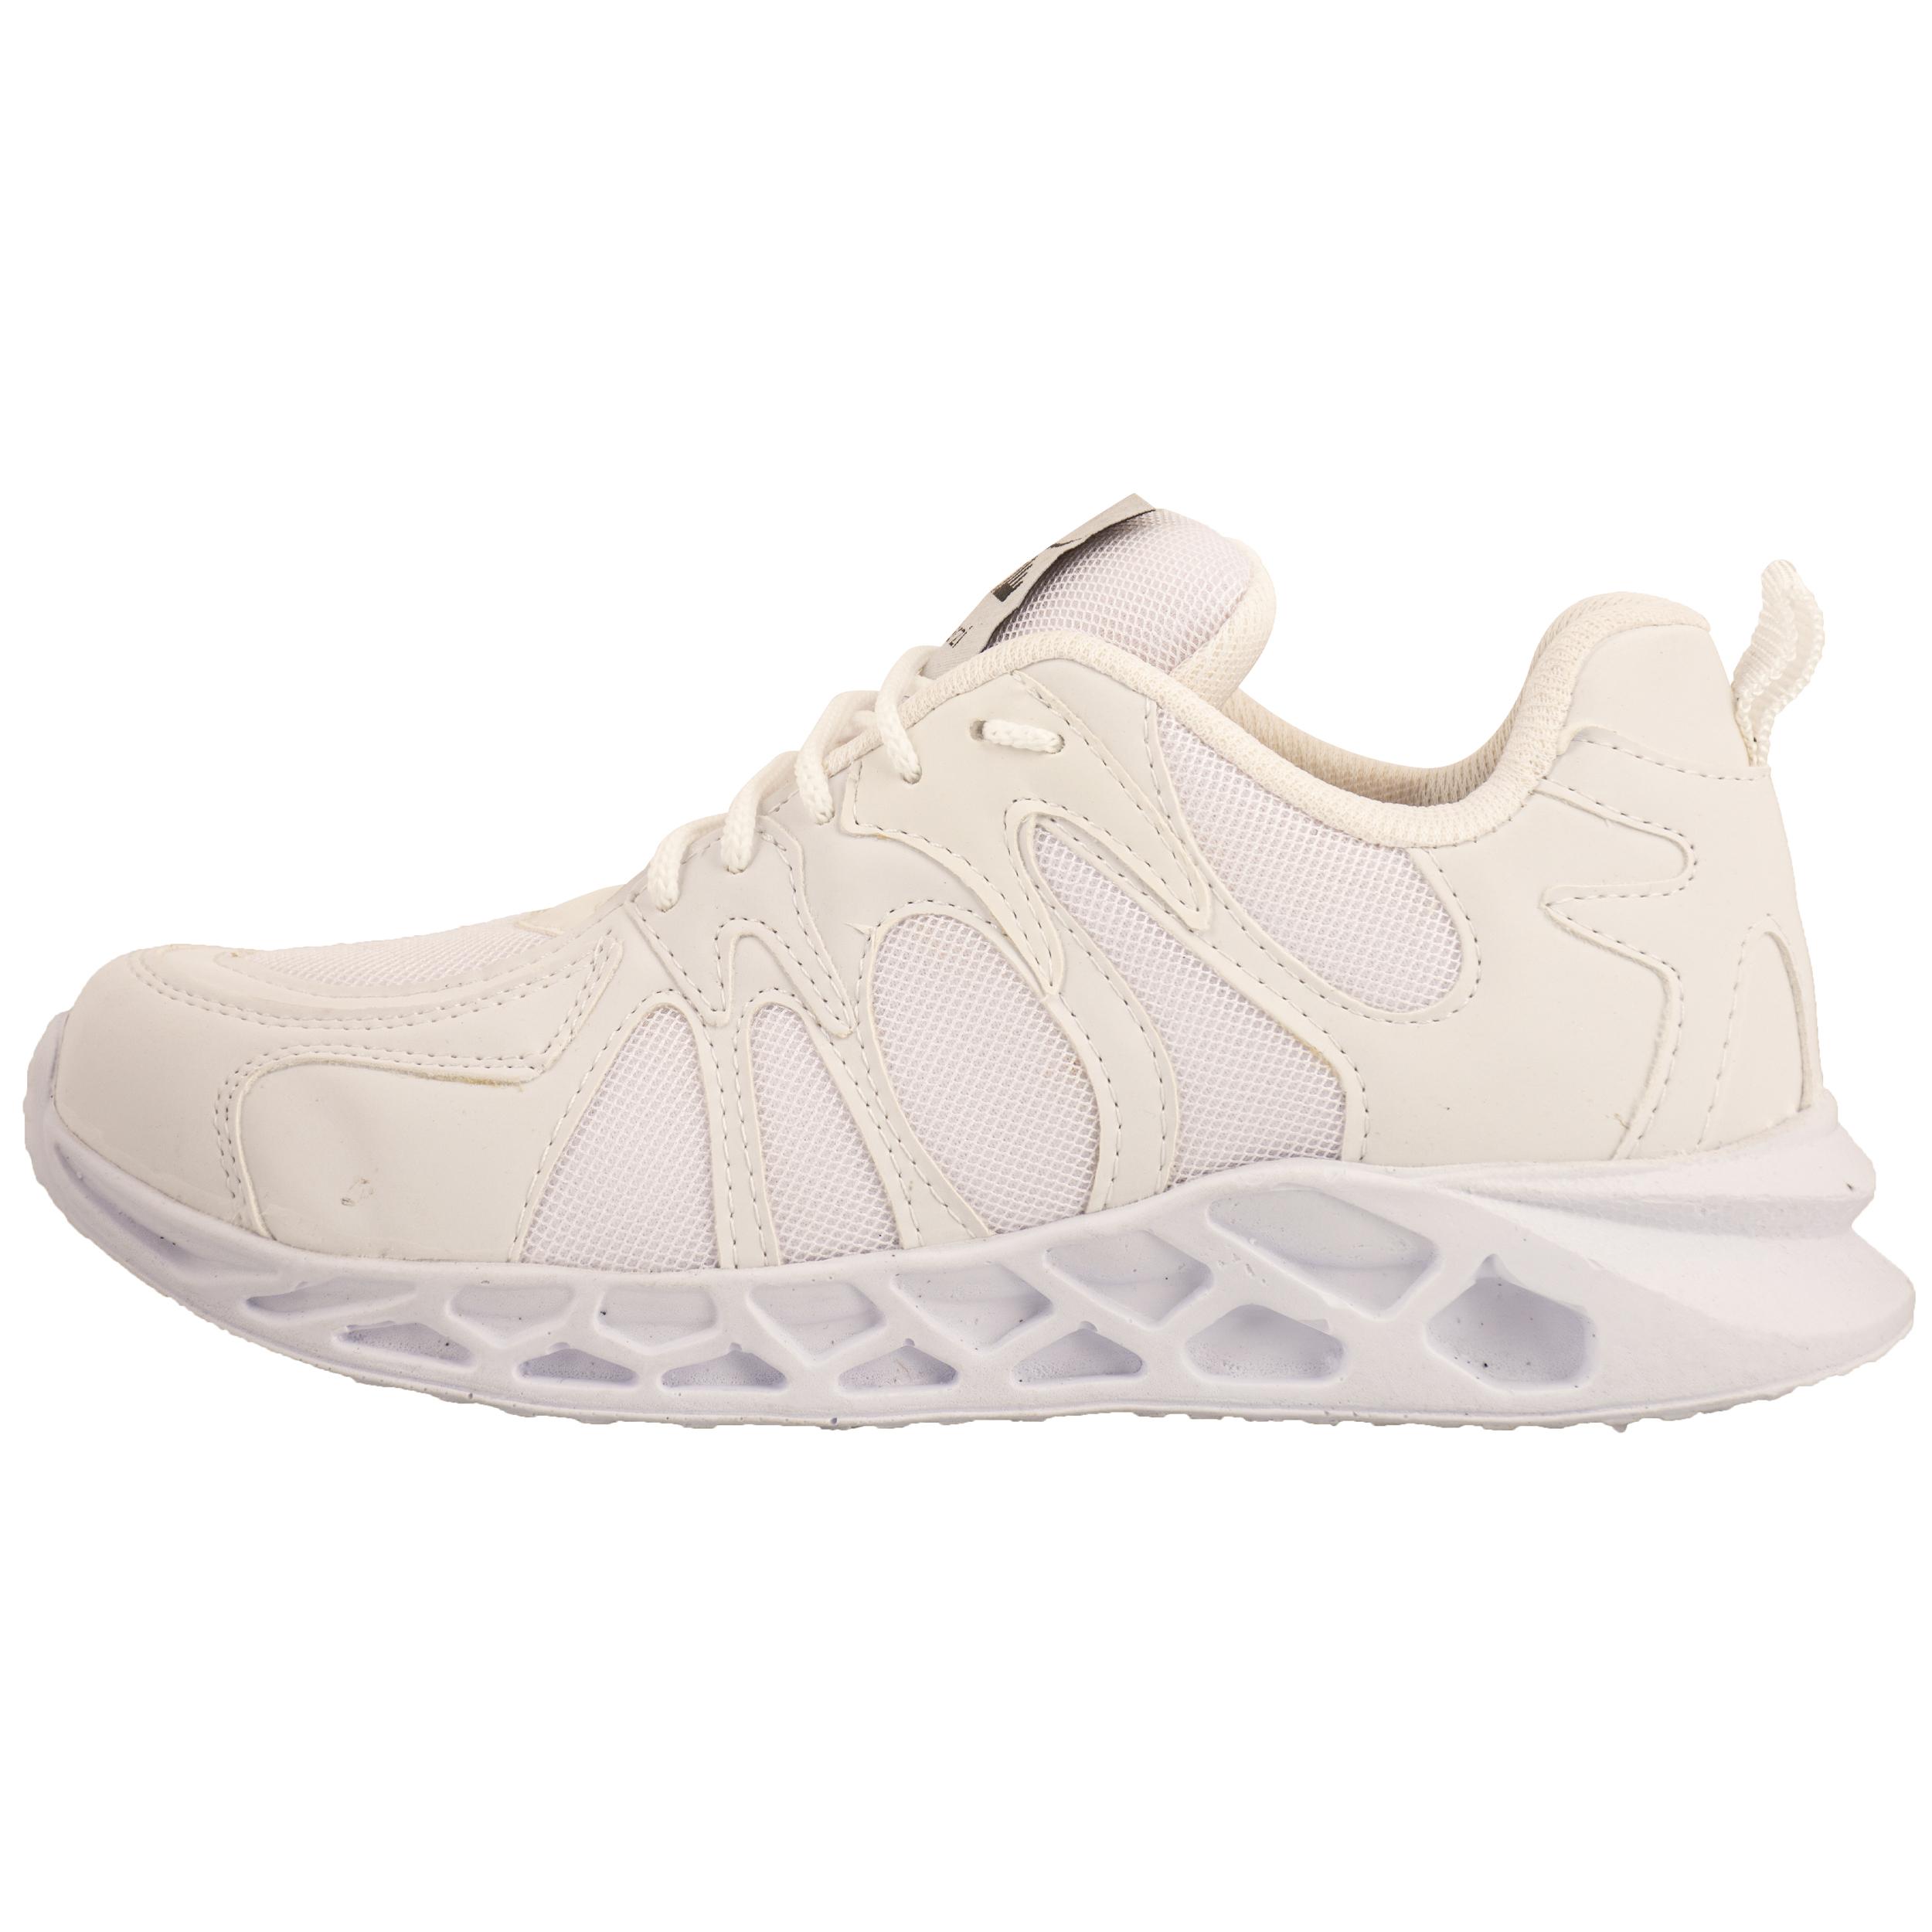 کفش مخصوص پیاده روی زنانه سارزی کد B.r.G.h._s.e.f